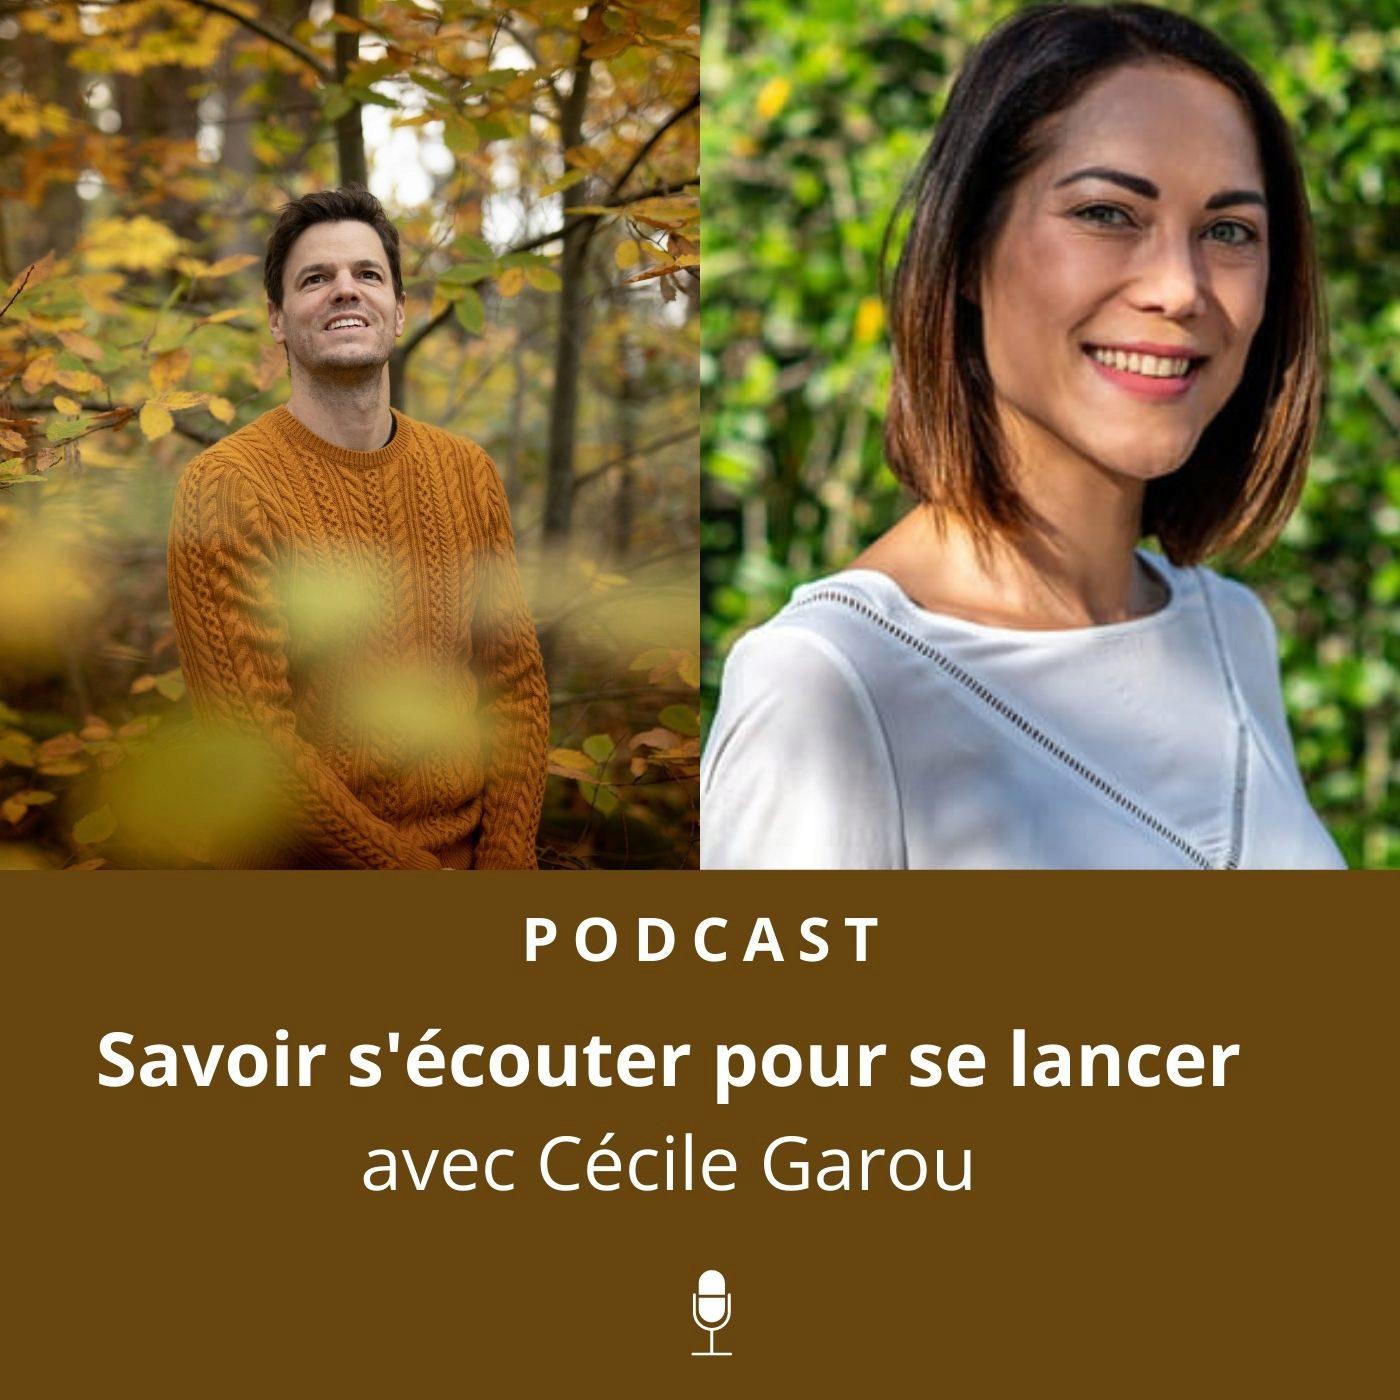 Libre & Photographe #11 | Cécile Garou - Savoir s'écouter pour se lancer